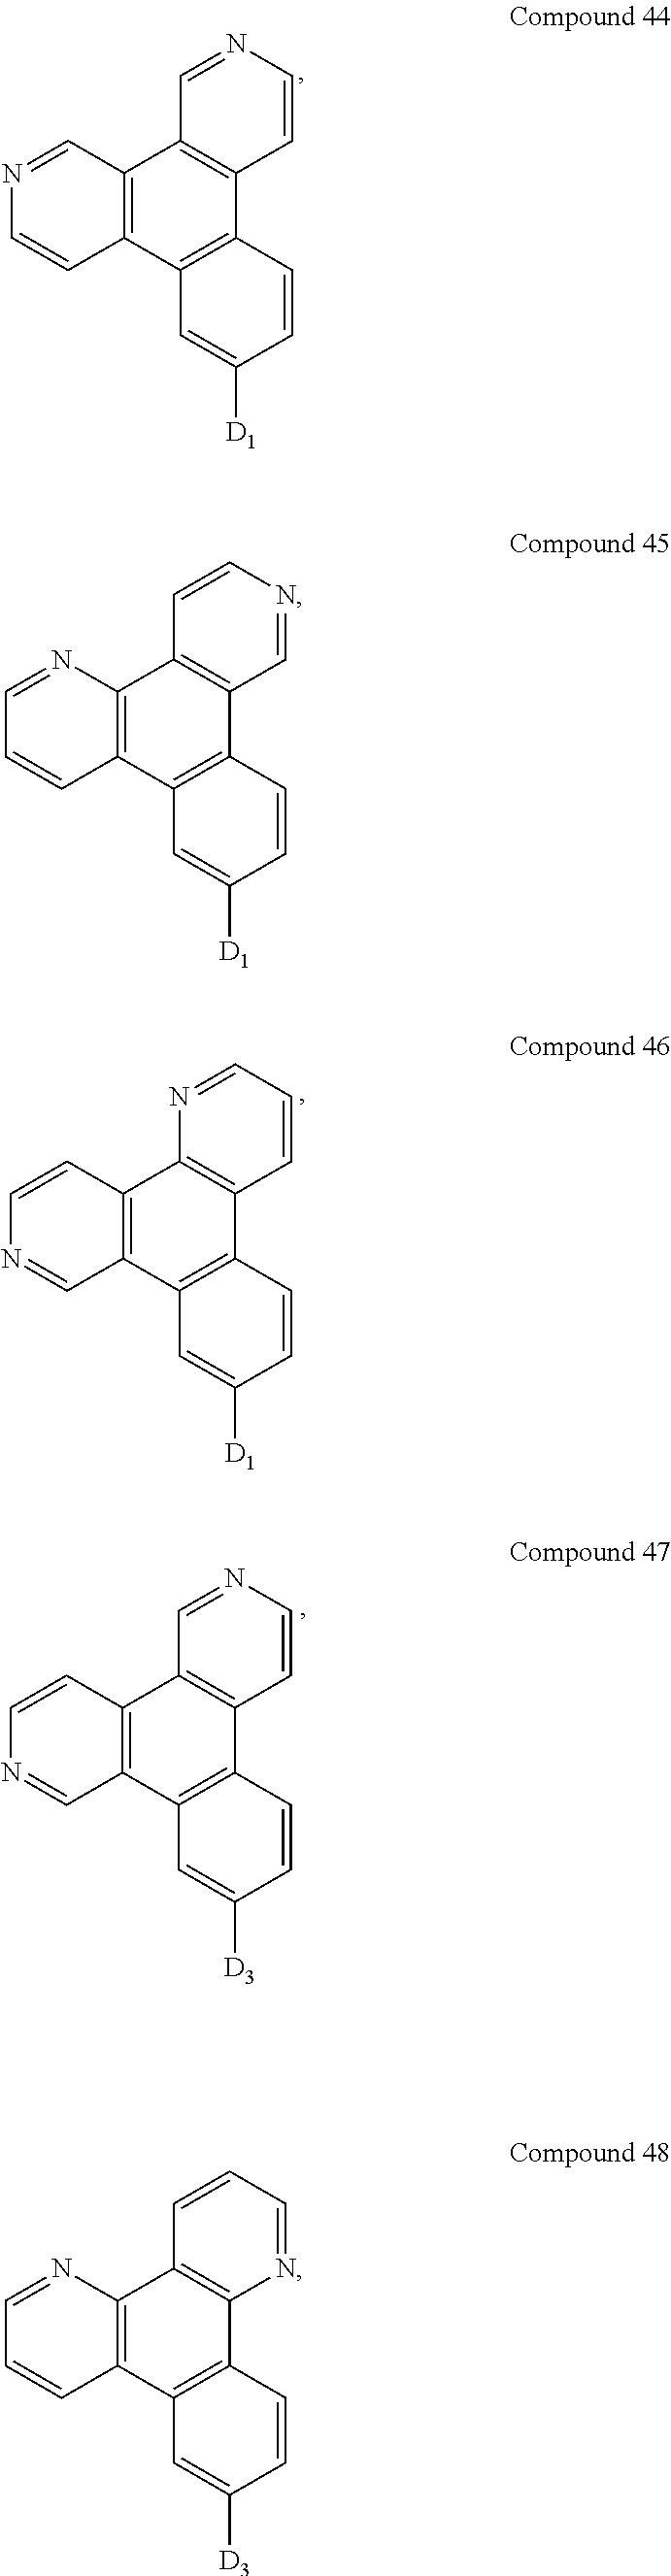 Figure US09537106-20170103-C00502